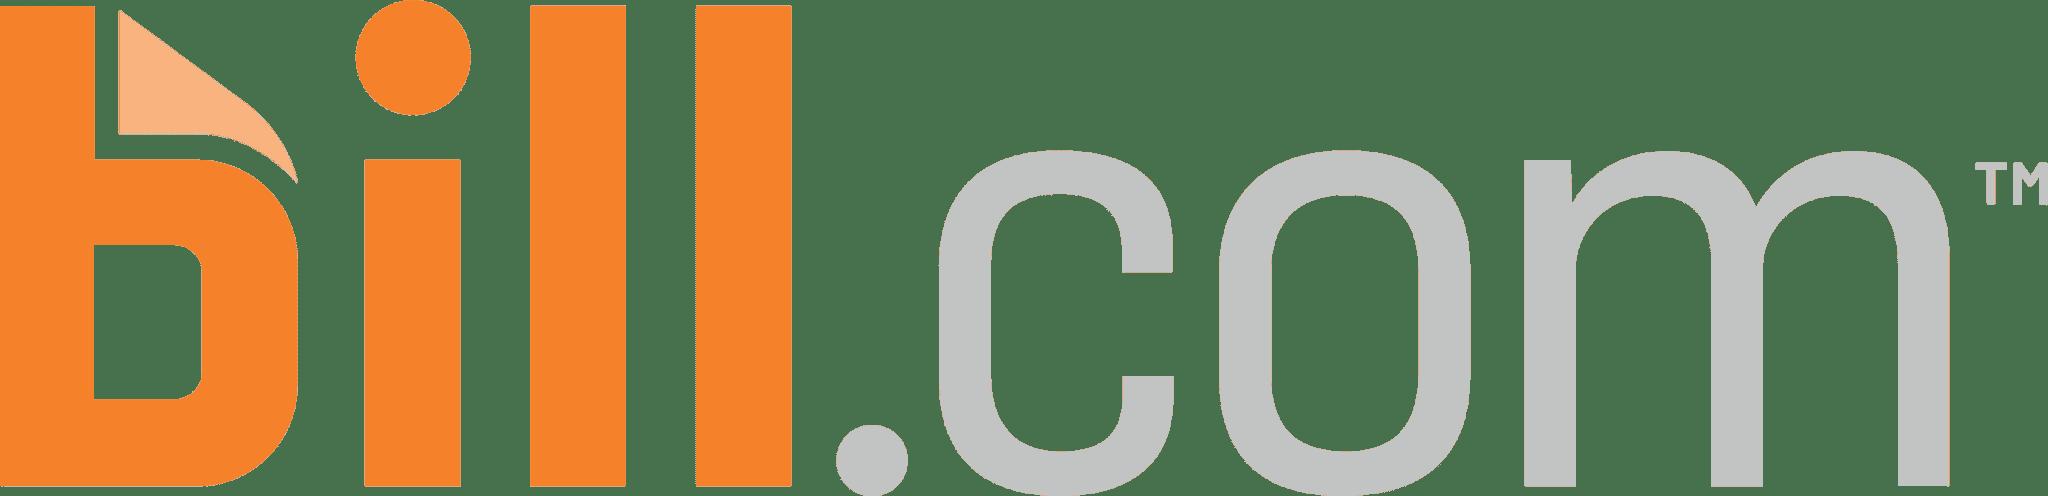 Bill.com_Logo_2019